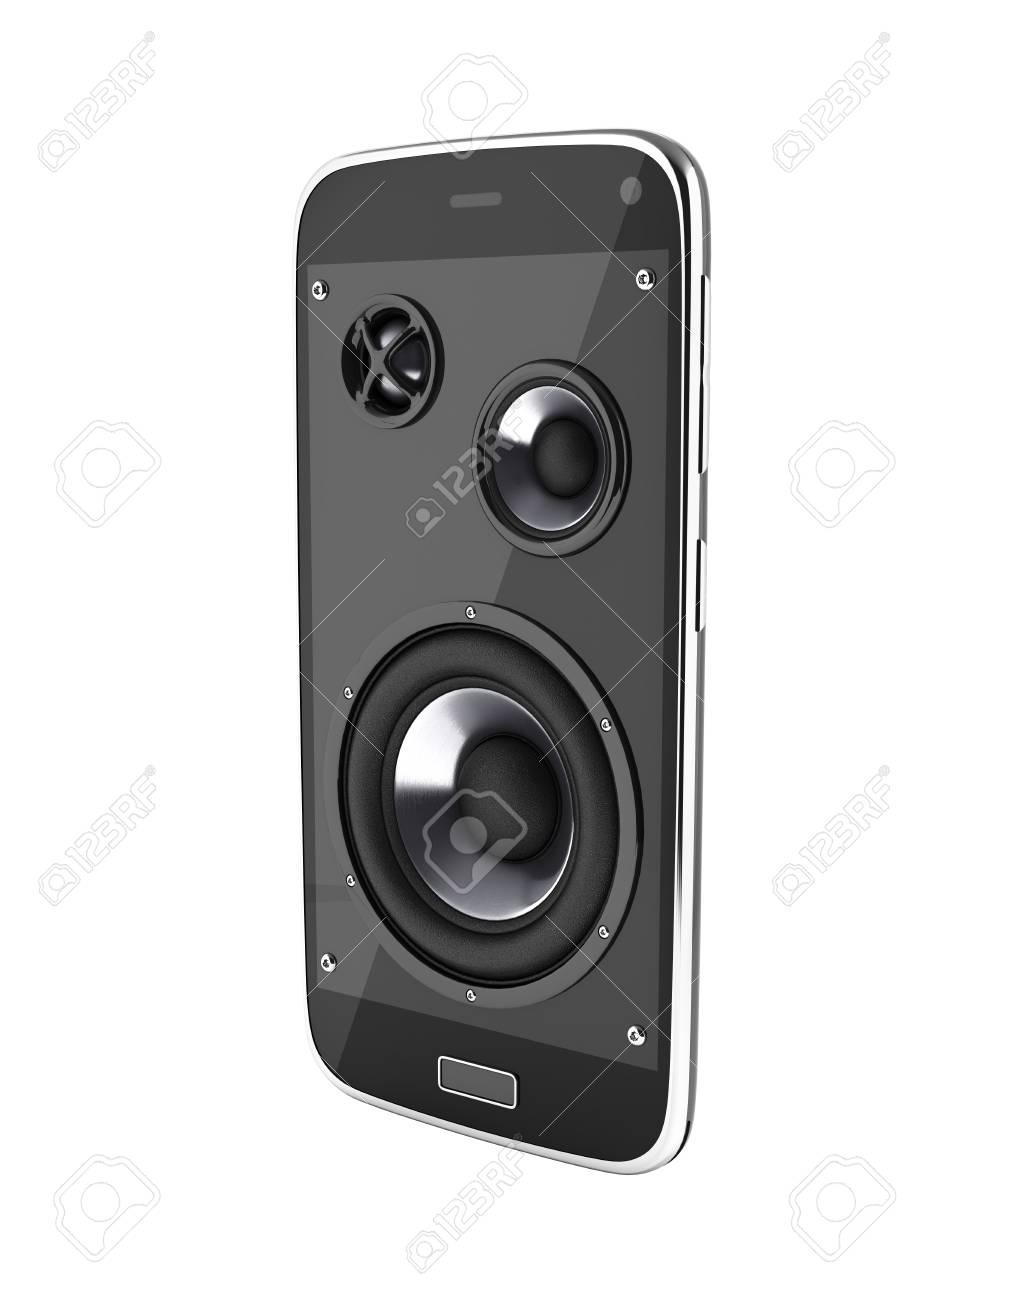 Turbo Musik-Smartphone Handy-Musik-App Handy Und Lautsprecher Auf Weißem TI58